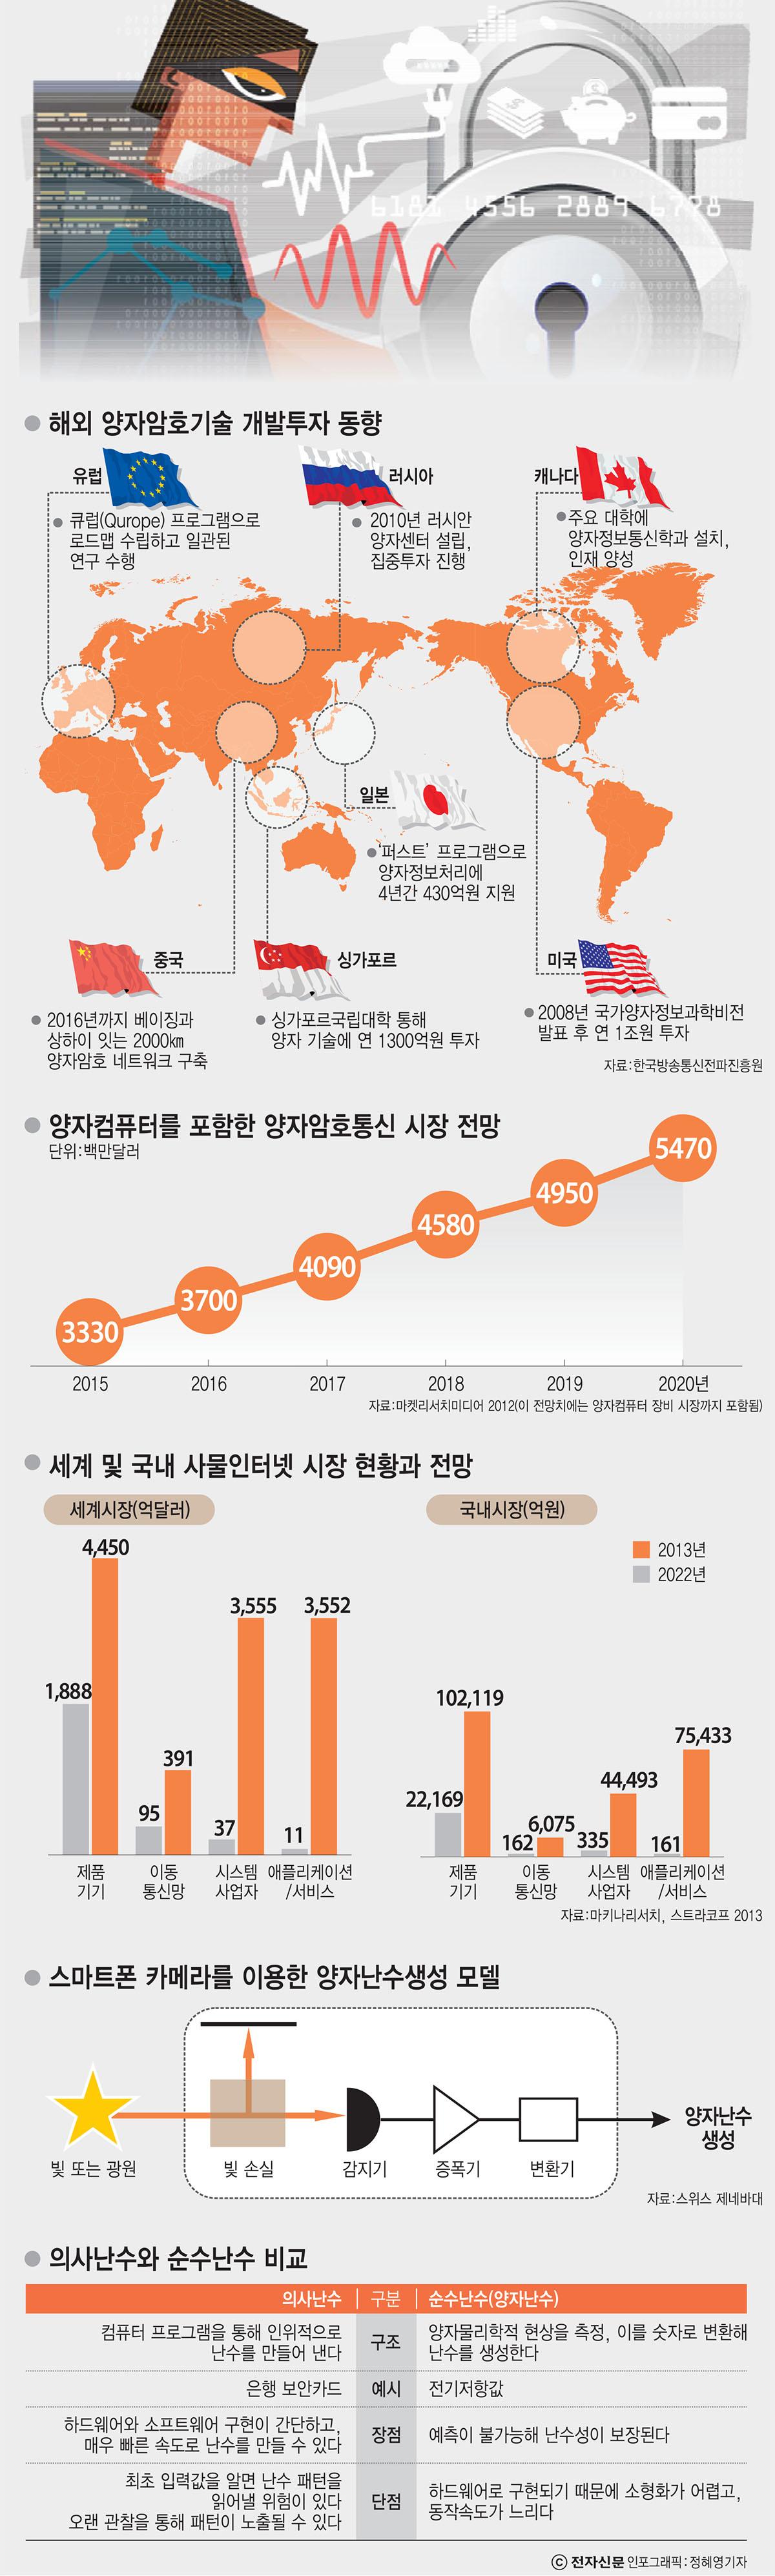 [이슈분석]SK텔레콤, 글로벌 양자암호통신 대중화 이끈다